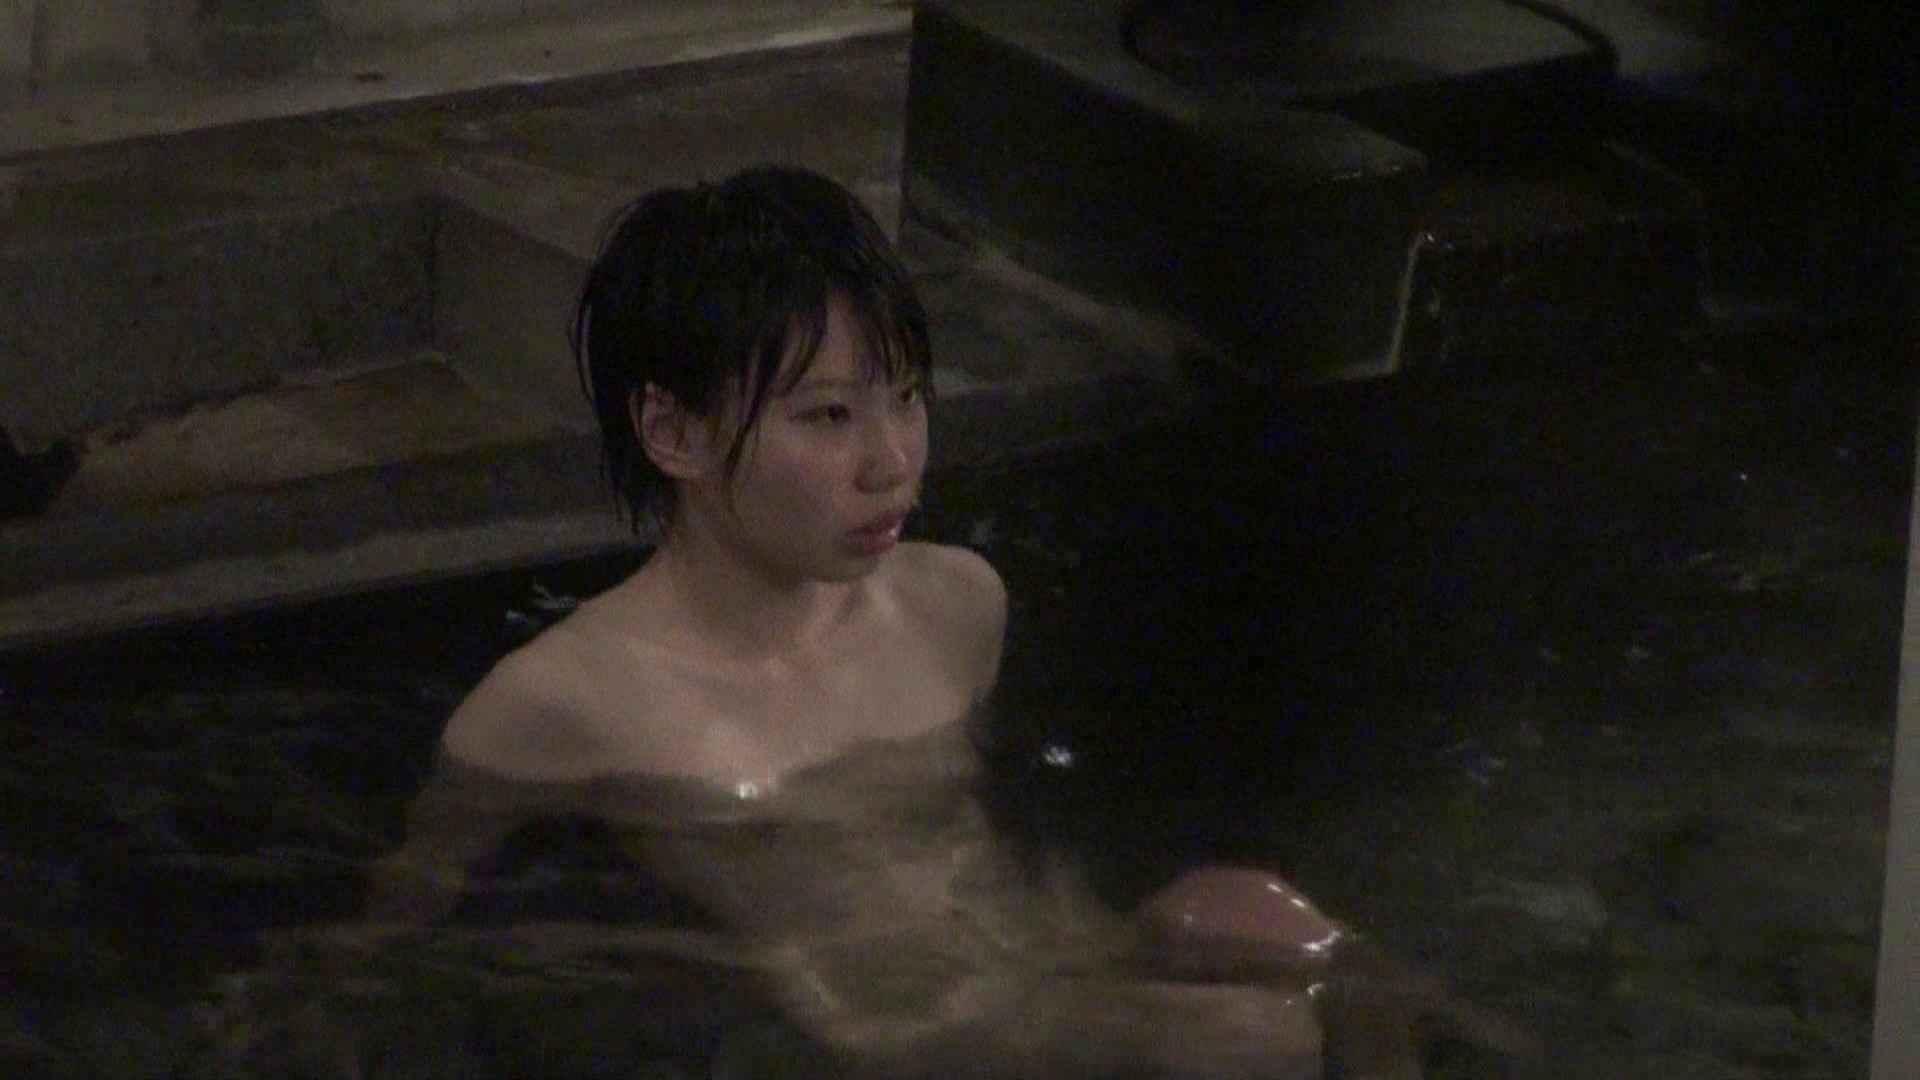 Aquaな露天風呂Vol.323 露天 | 盗撮特集  86画像 25